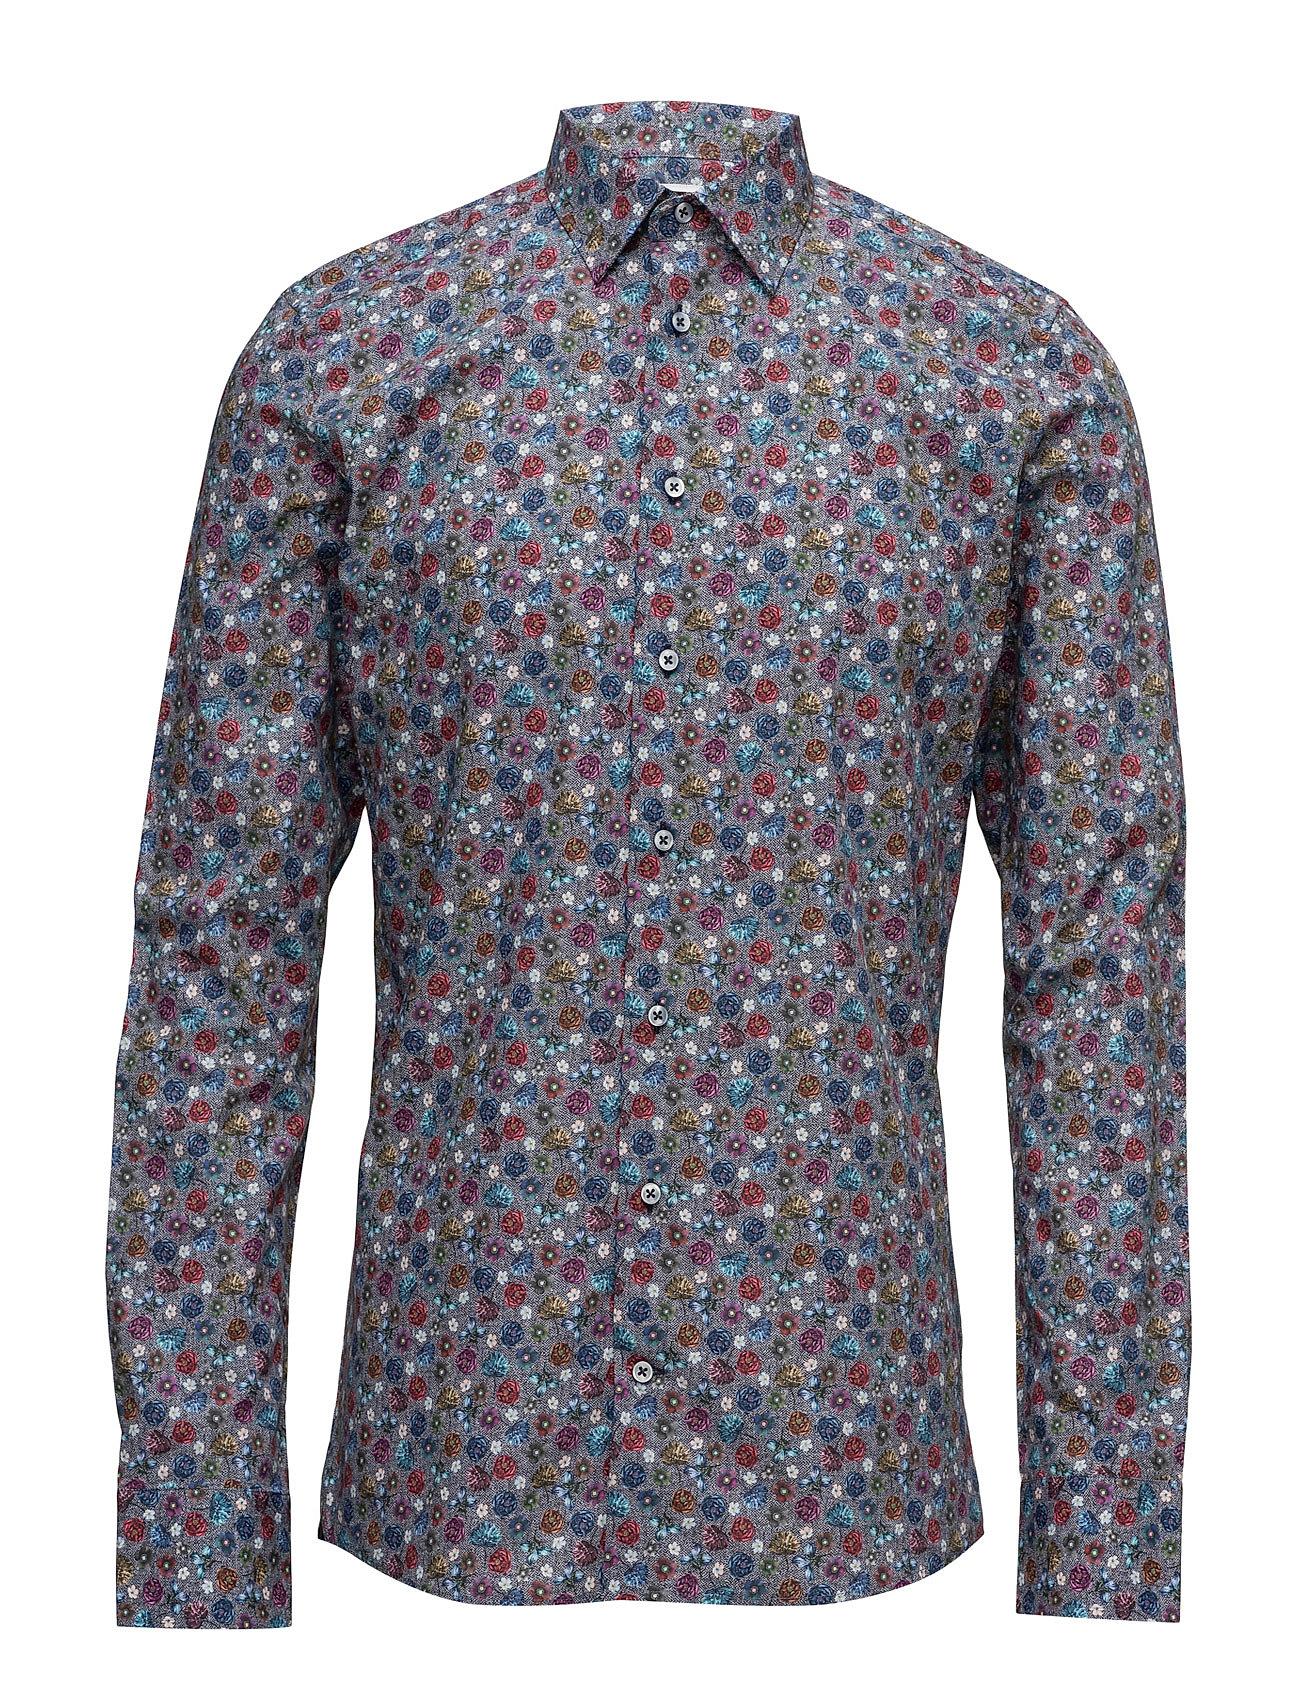 xo shirtmaker 8854 - jake sc på boozt.com dk